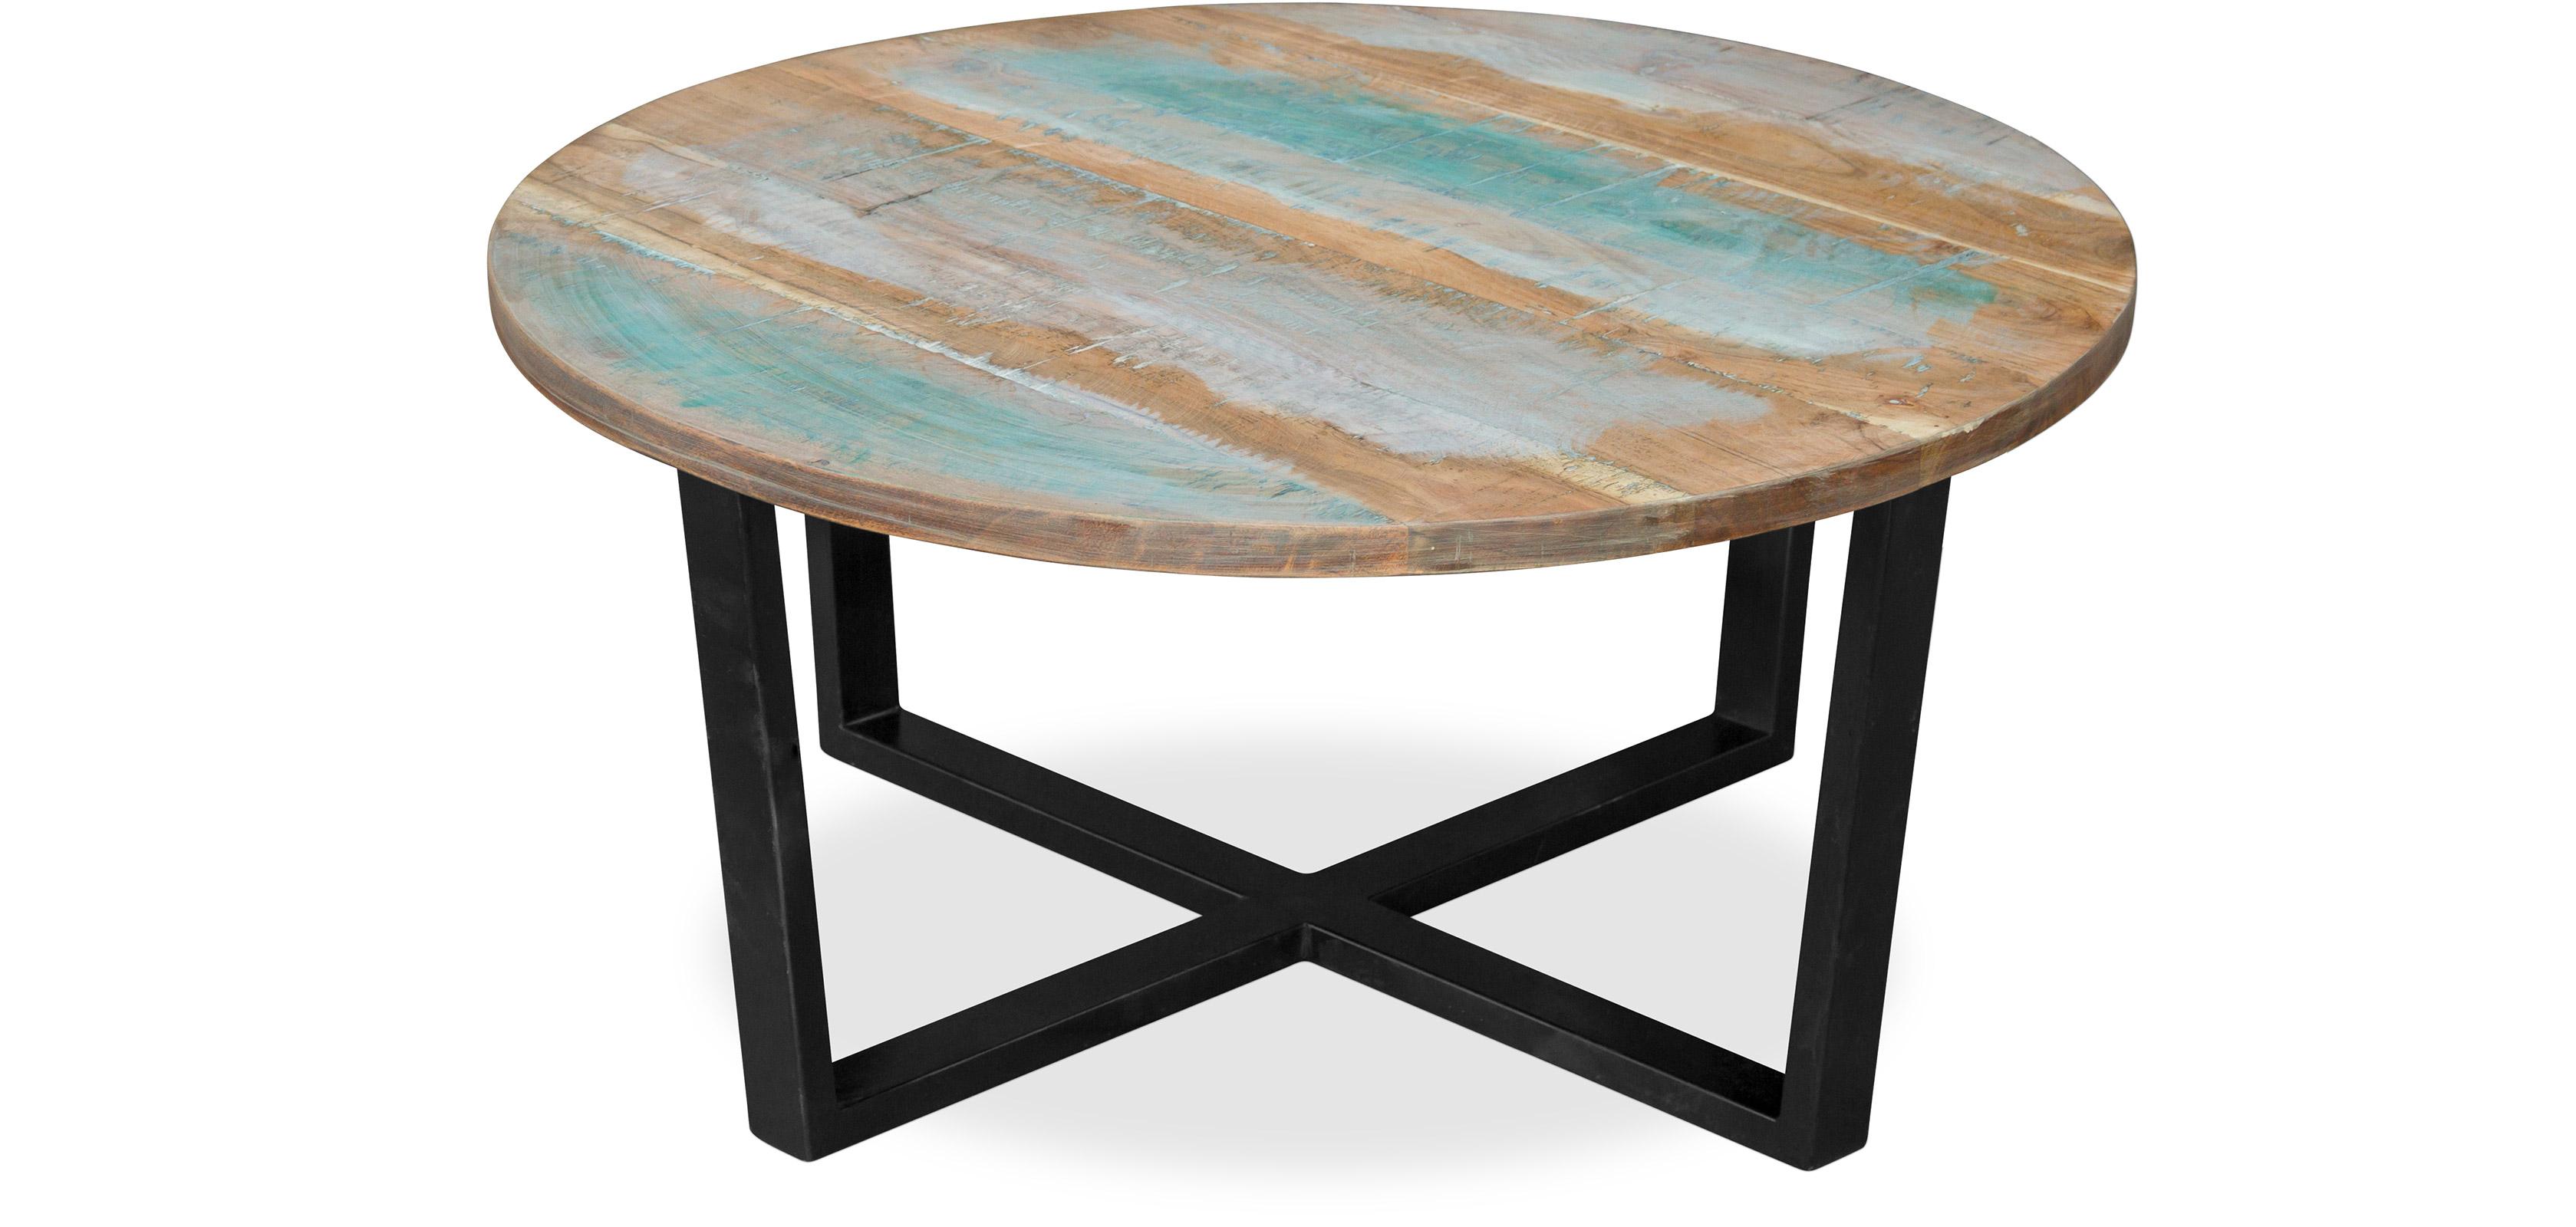 Tavolo tondo da caff basso vintage in legno riciclato - Tavolo legno riciclato ...